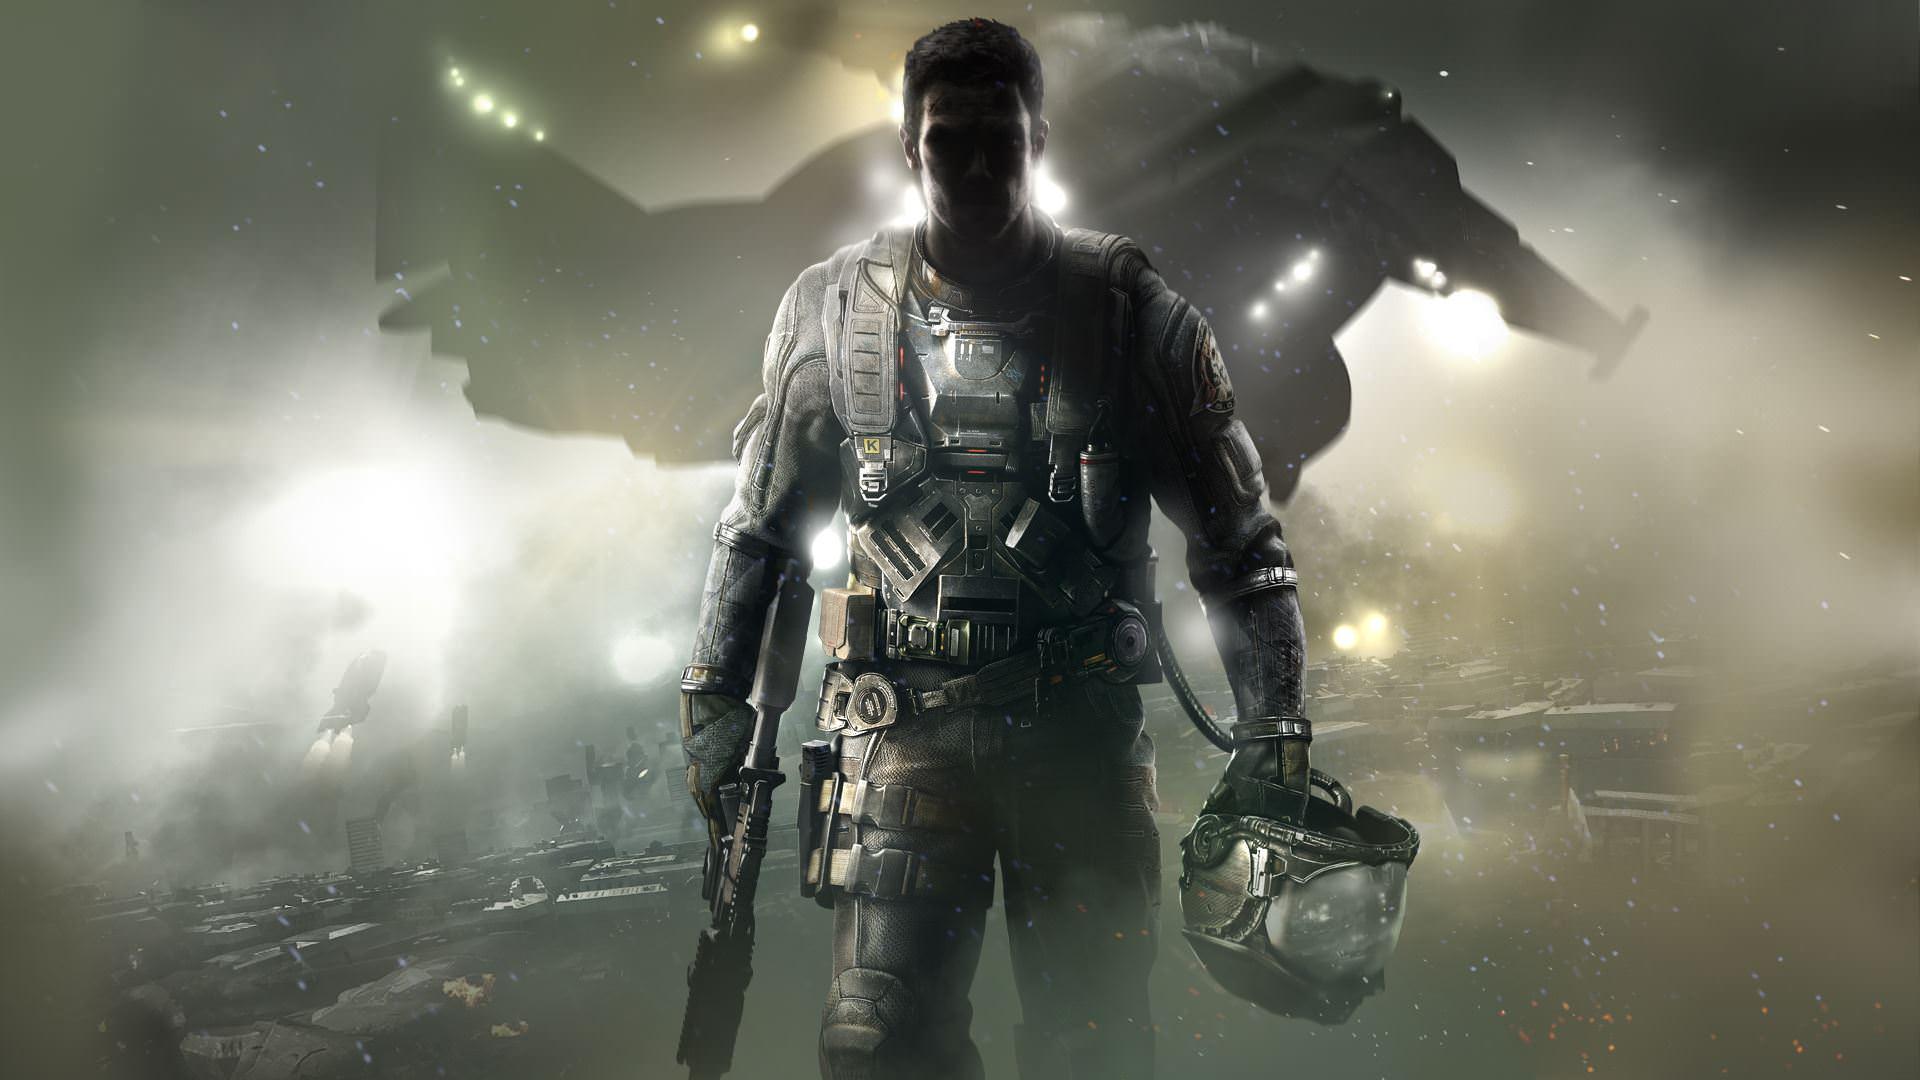 call of duty infinite warfare desktop wallpaper 58074